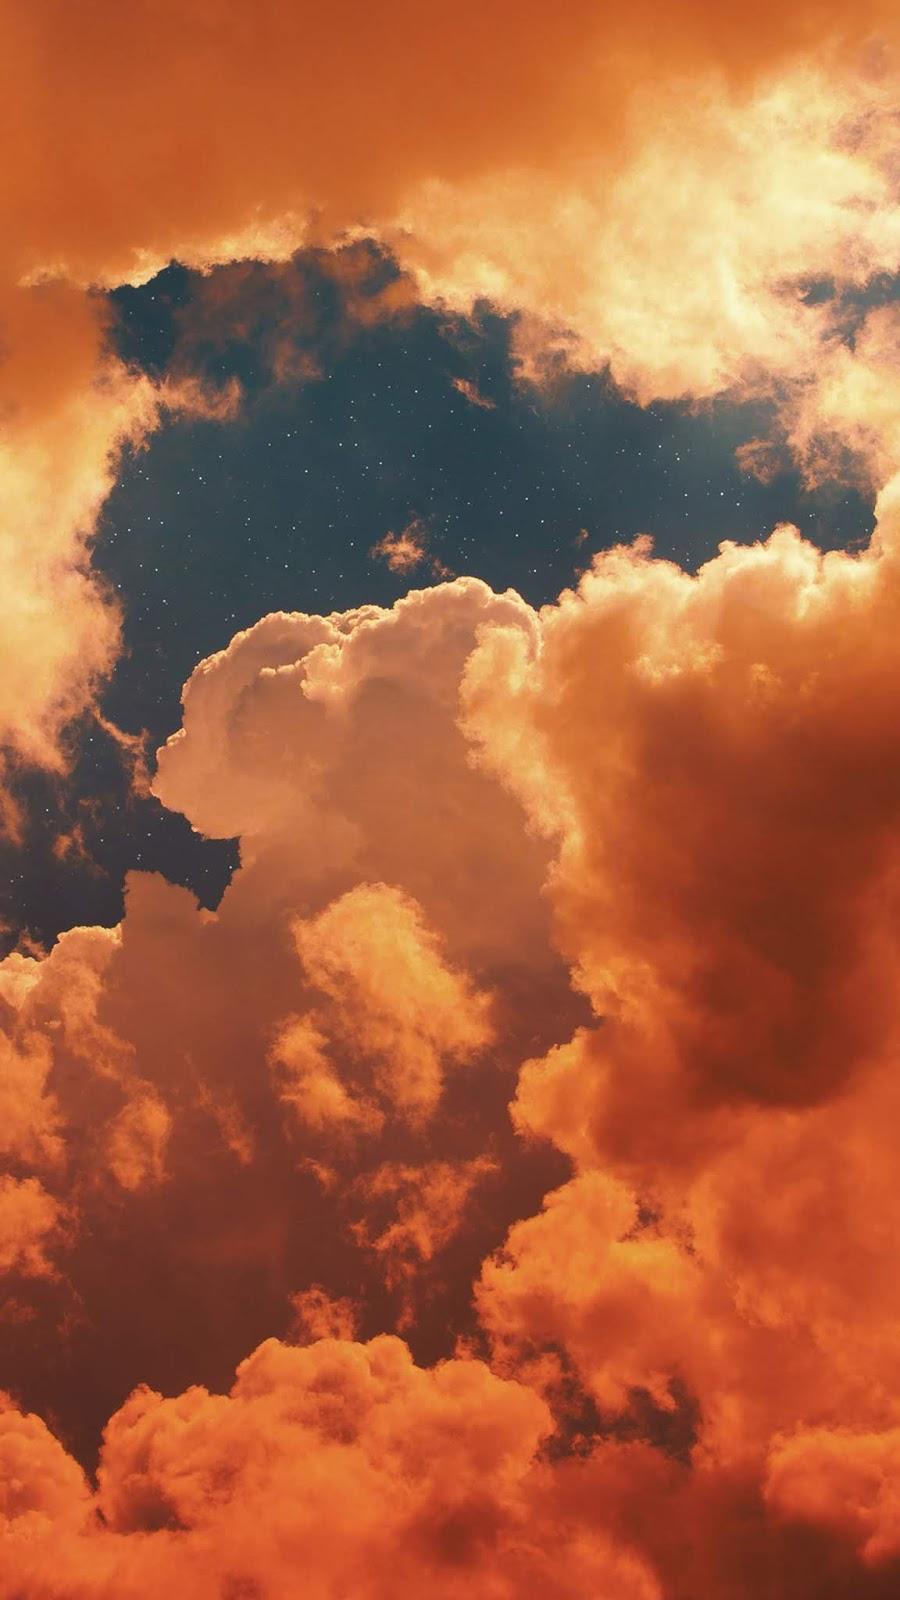 Sunset cloudy sky